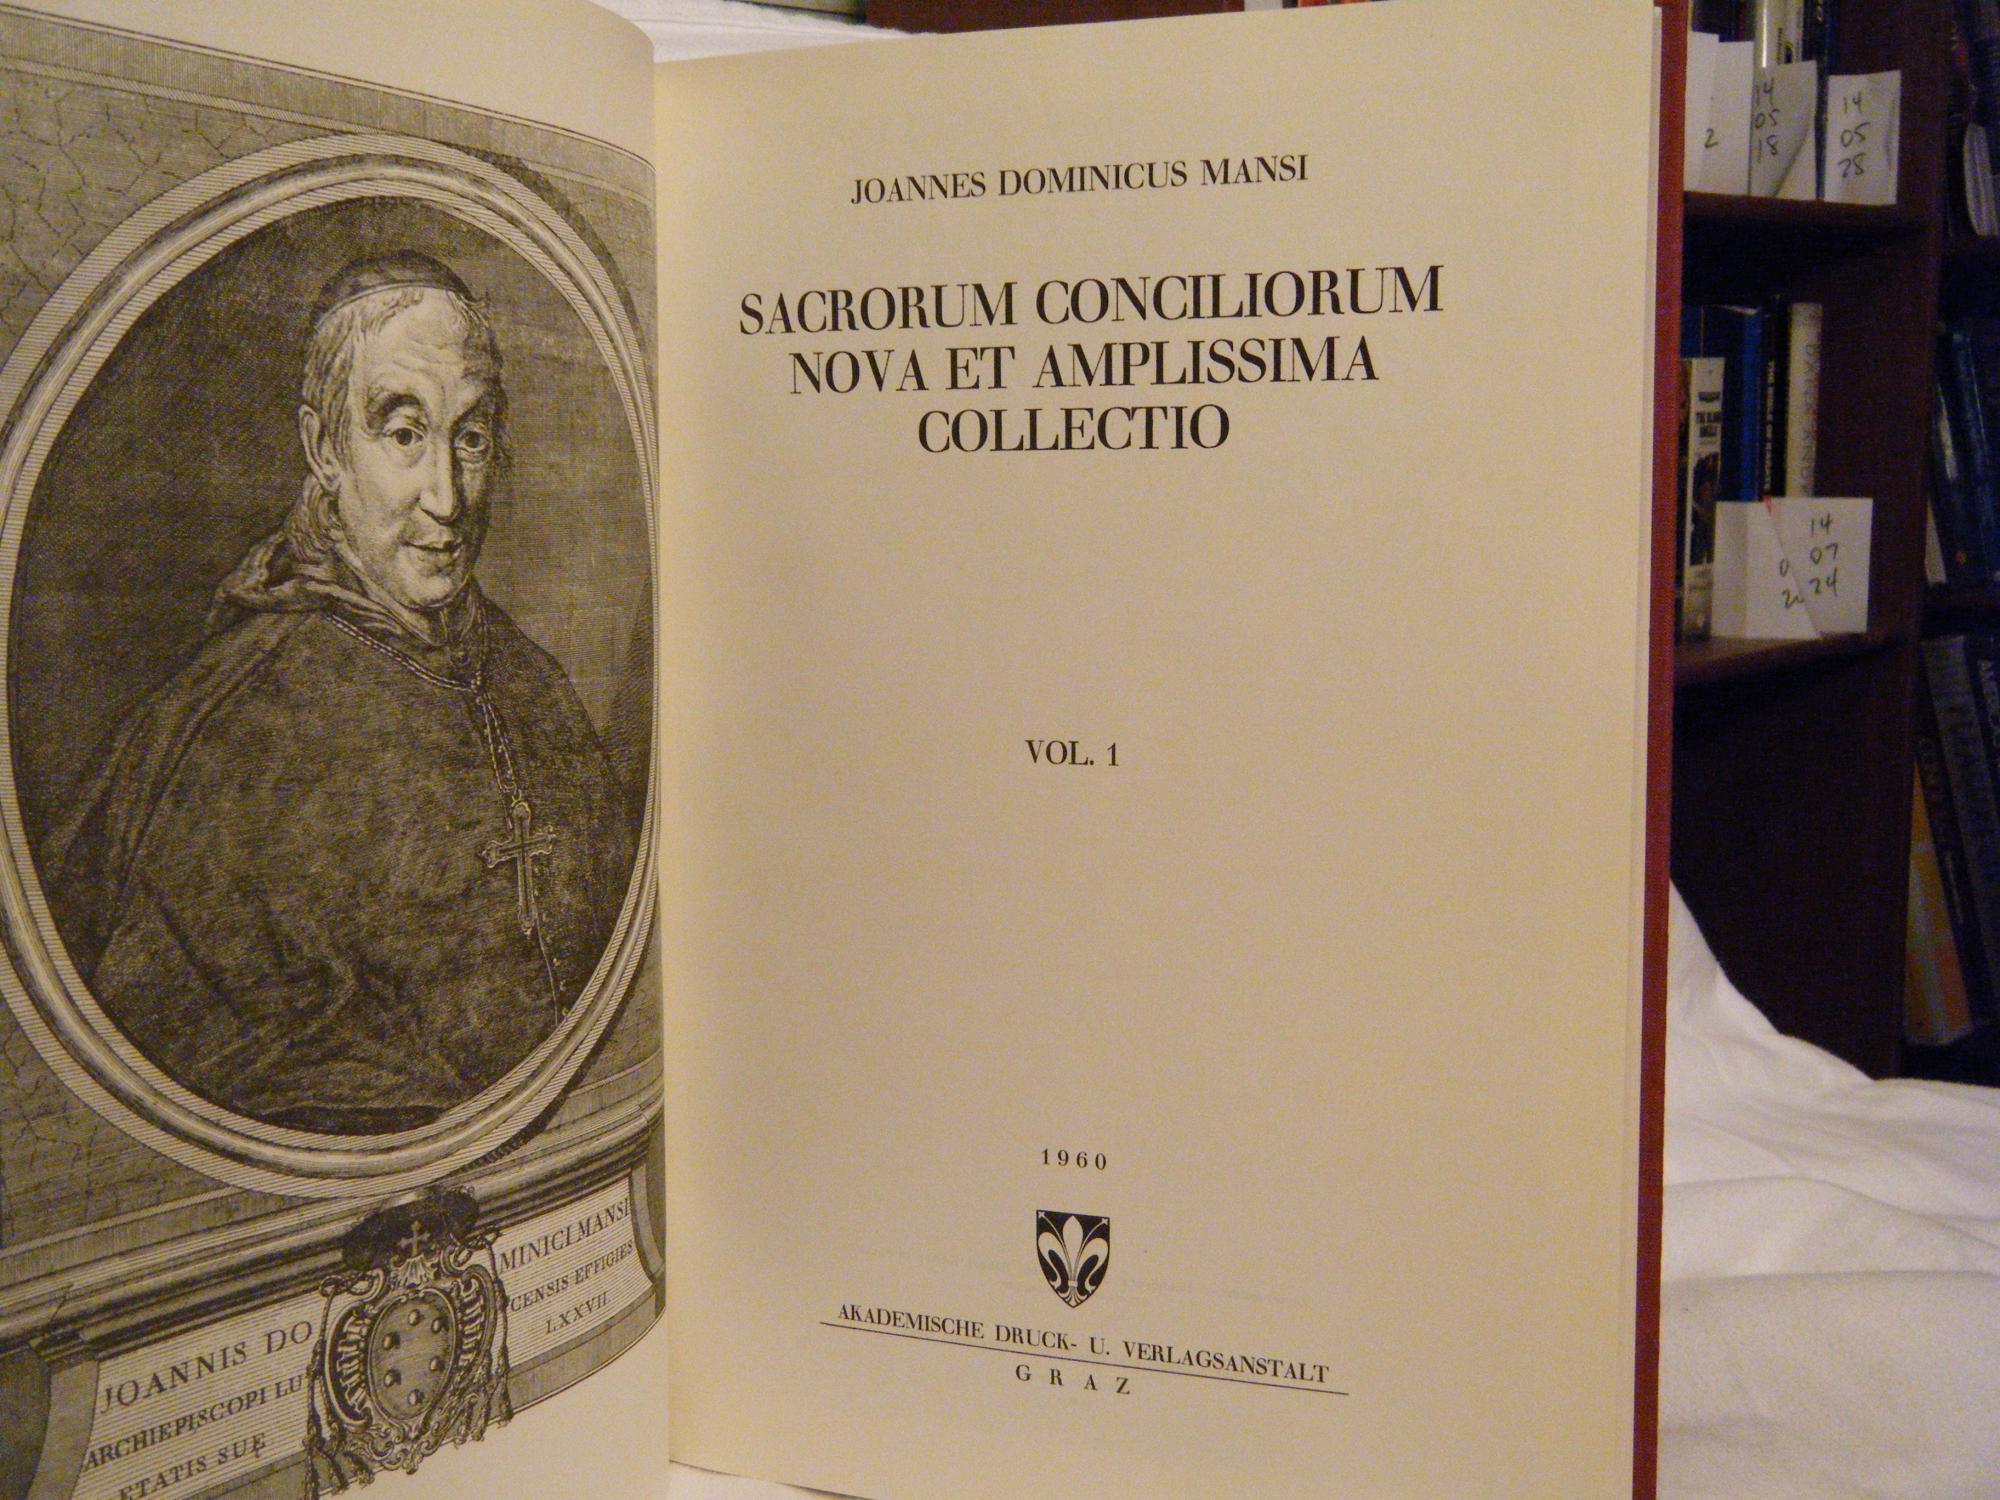 Resultado de imagen de MANSI, Conciliorum collectio,